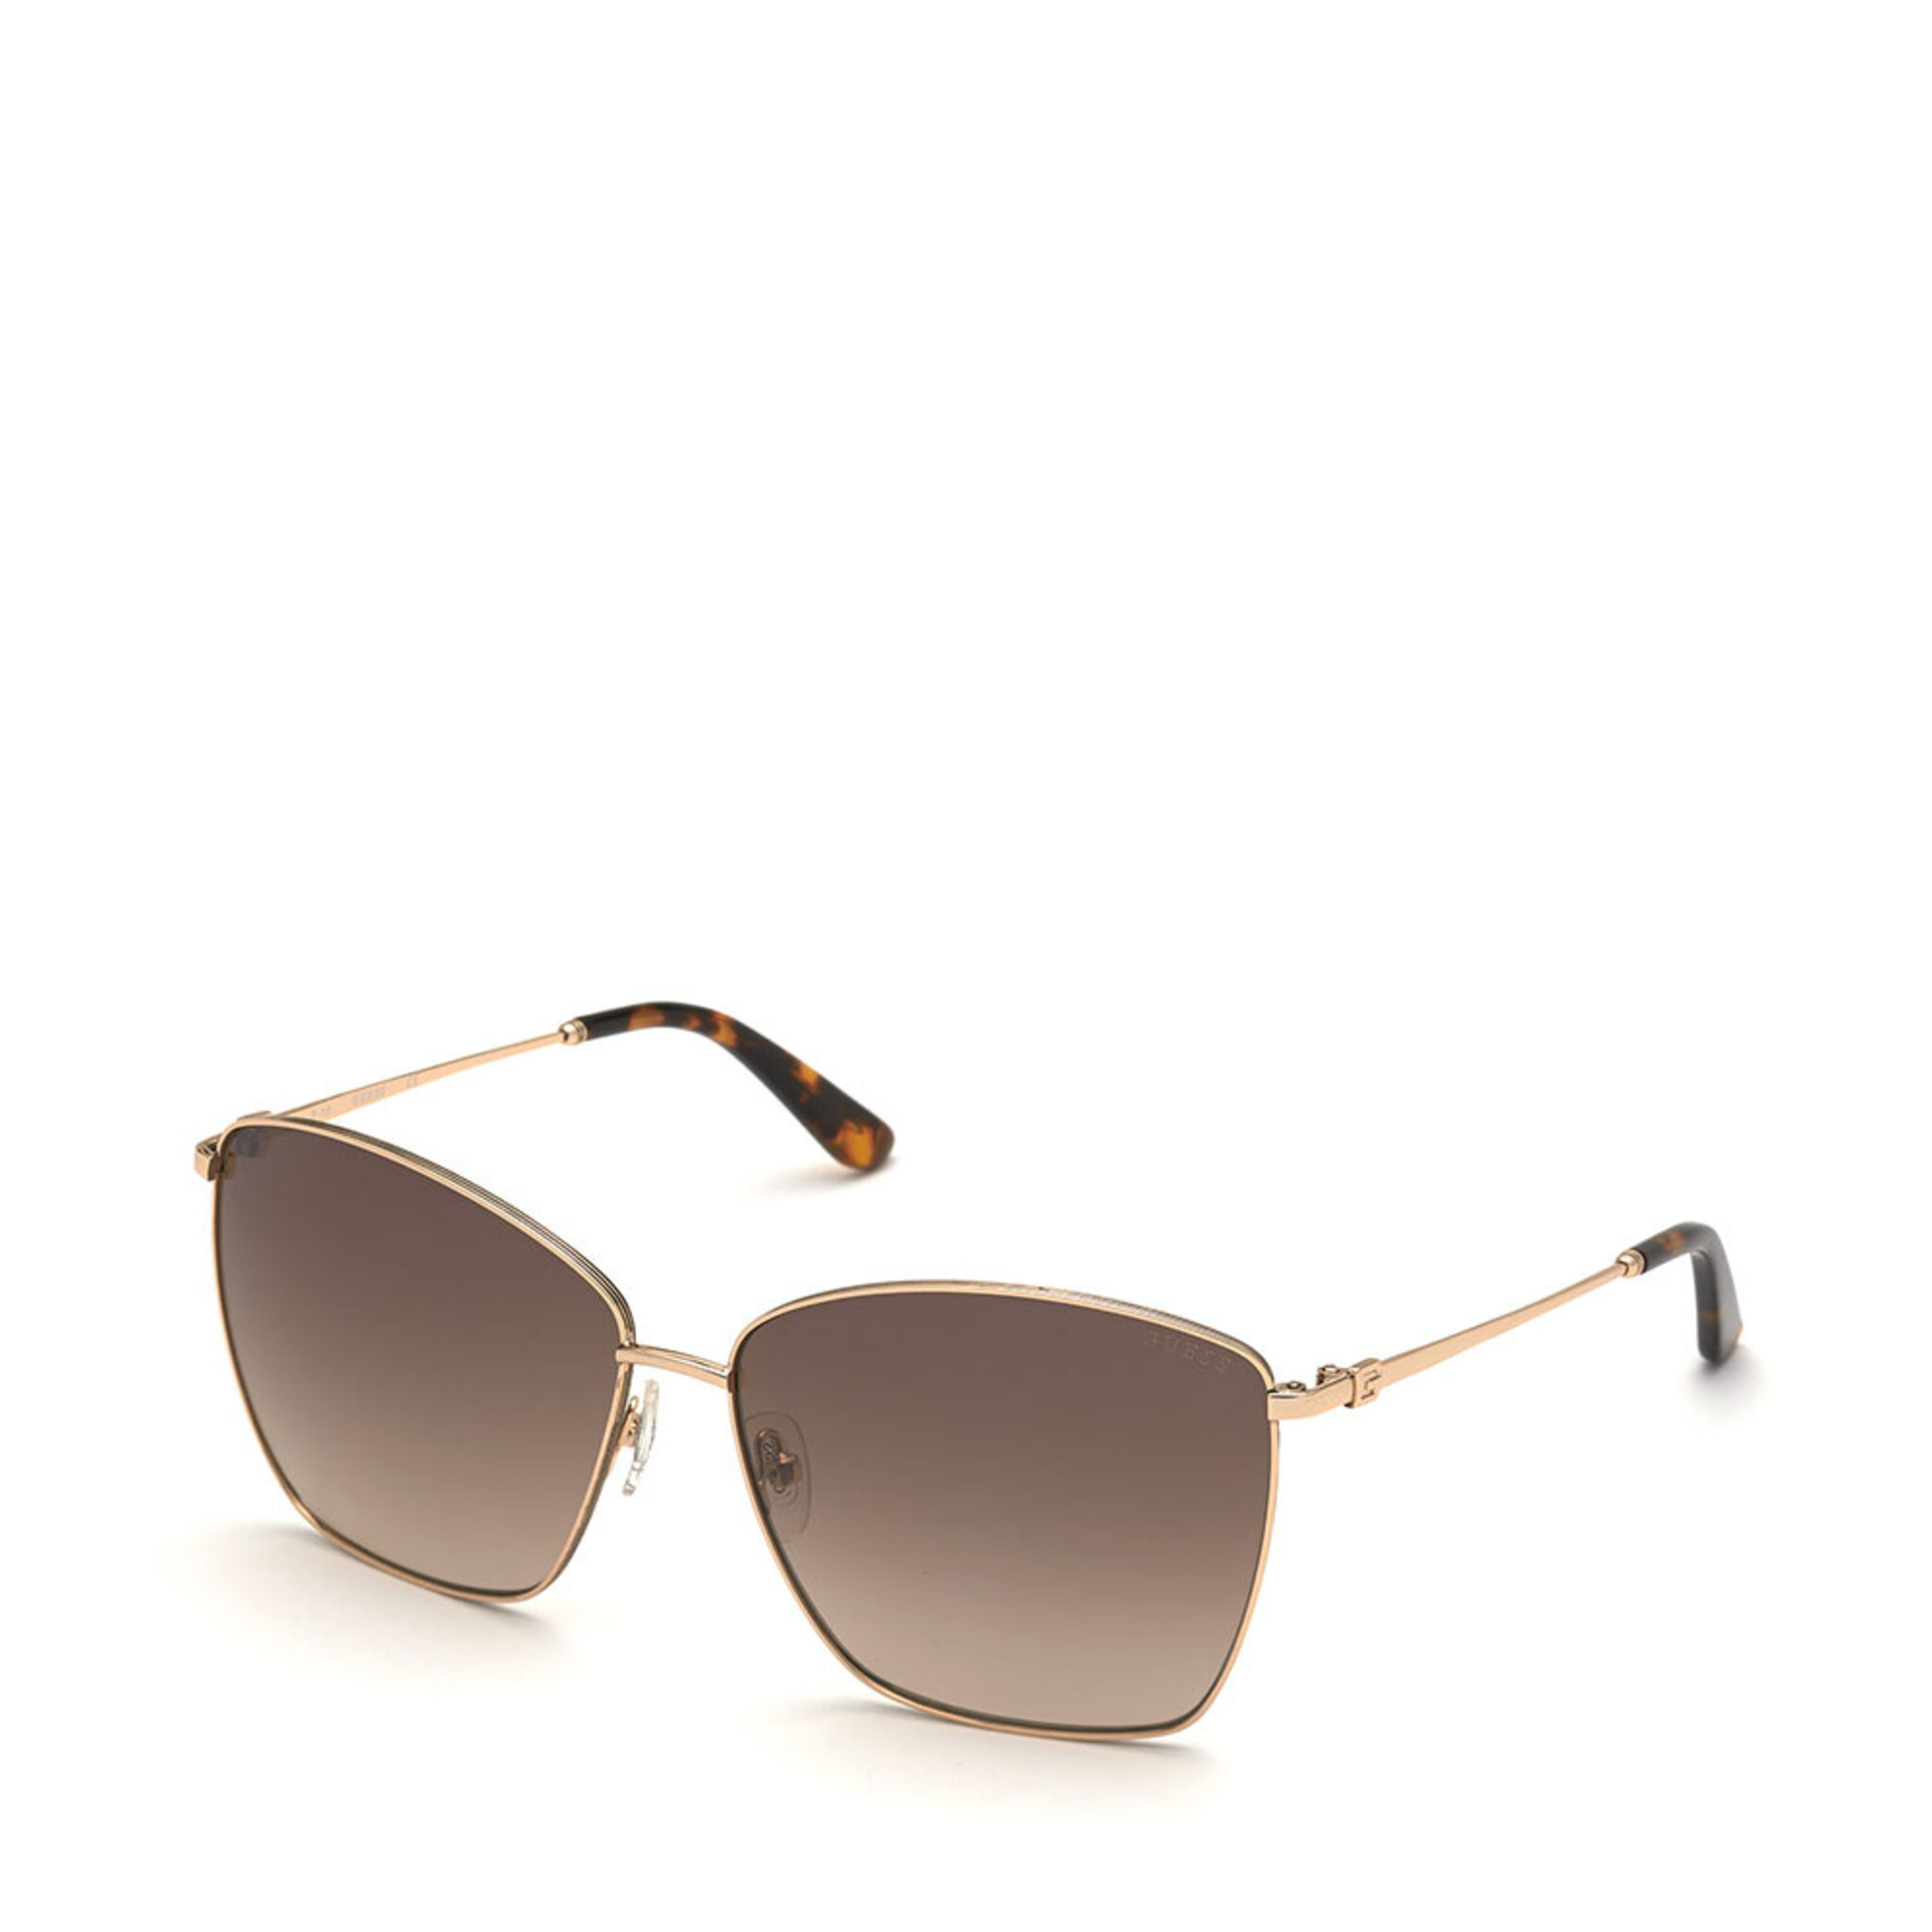 Sunglasses GU7745